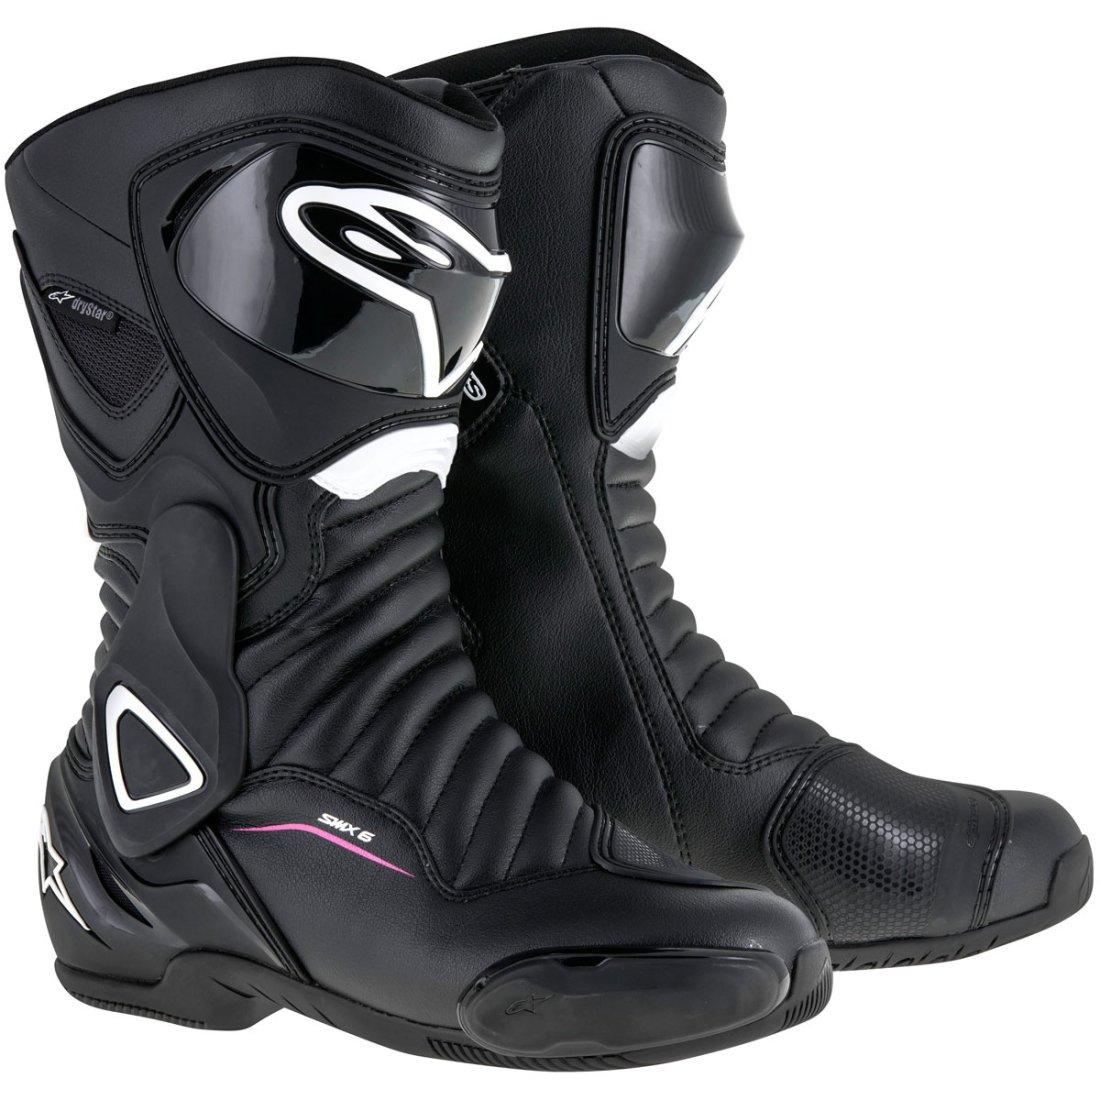 ALPINESTARS Stella SMX 6 V2 Drystar Lady Black White Fuchsia Boots